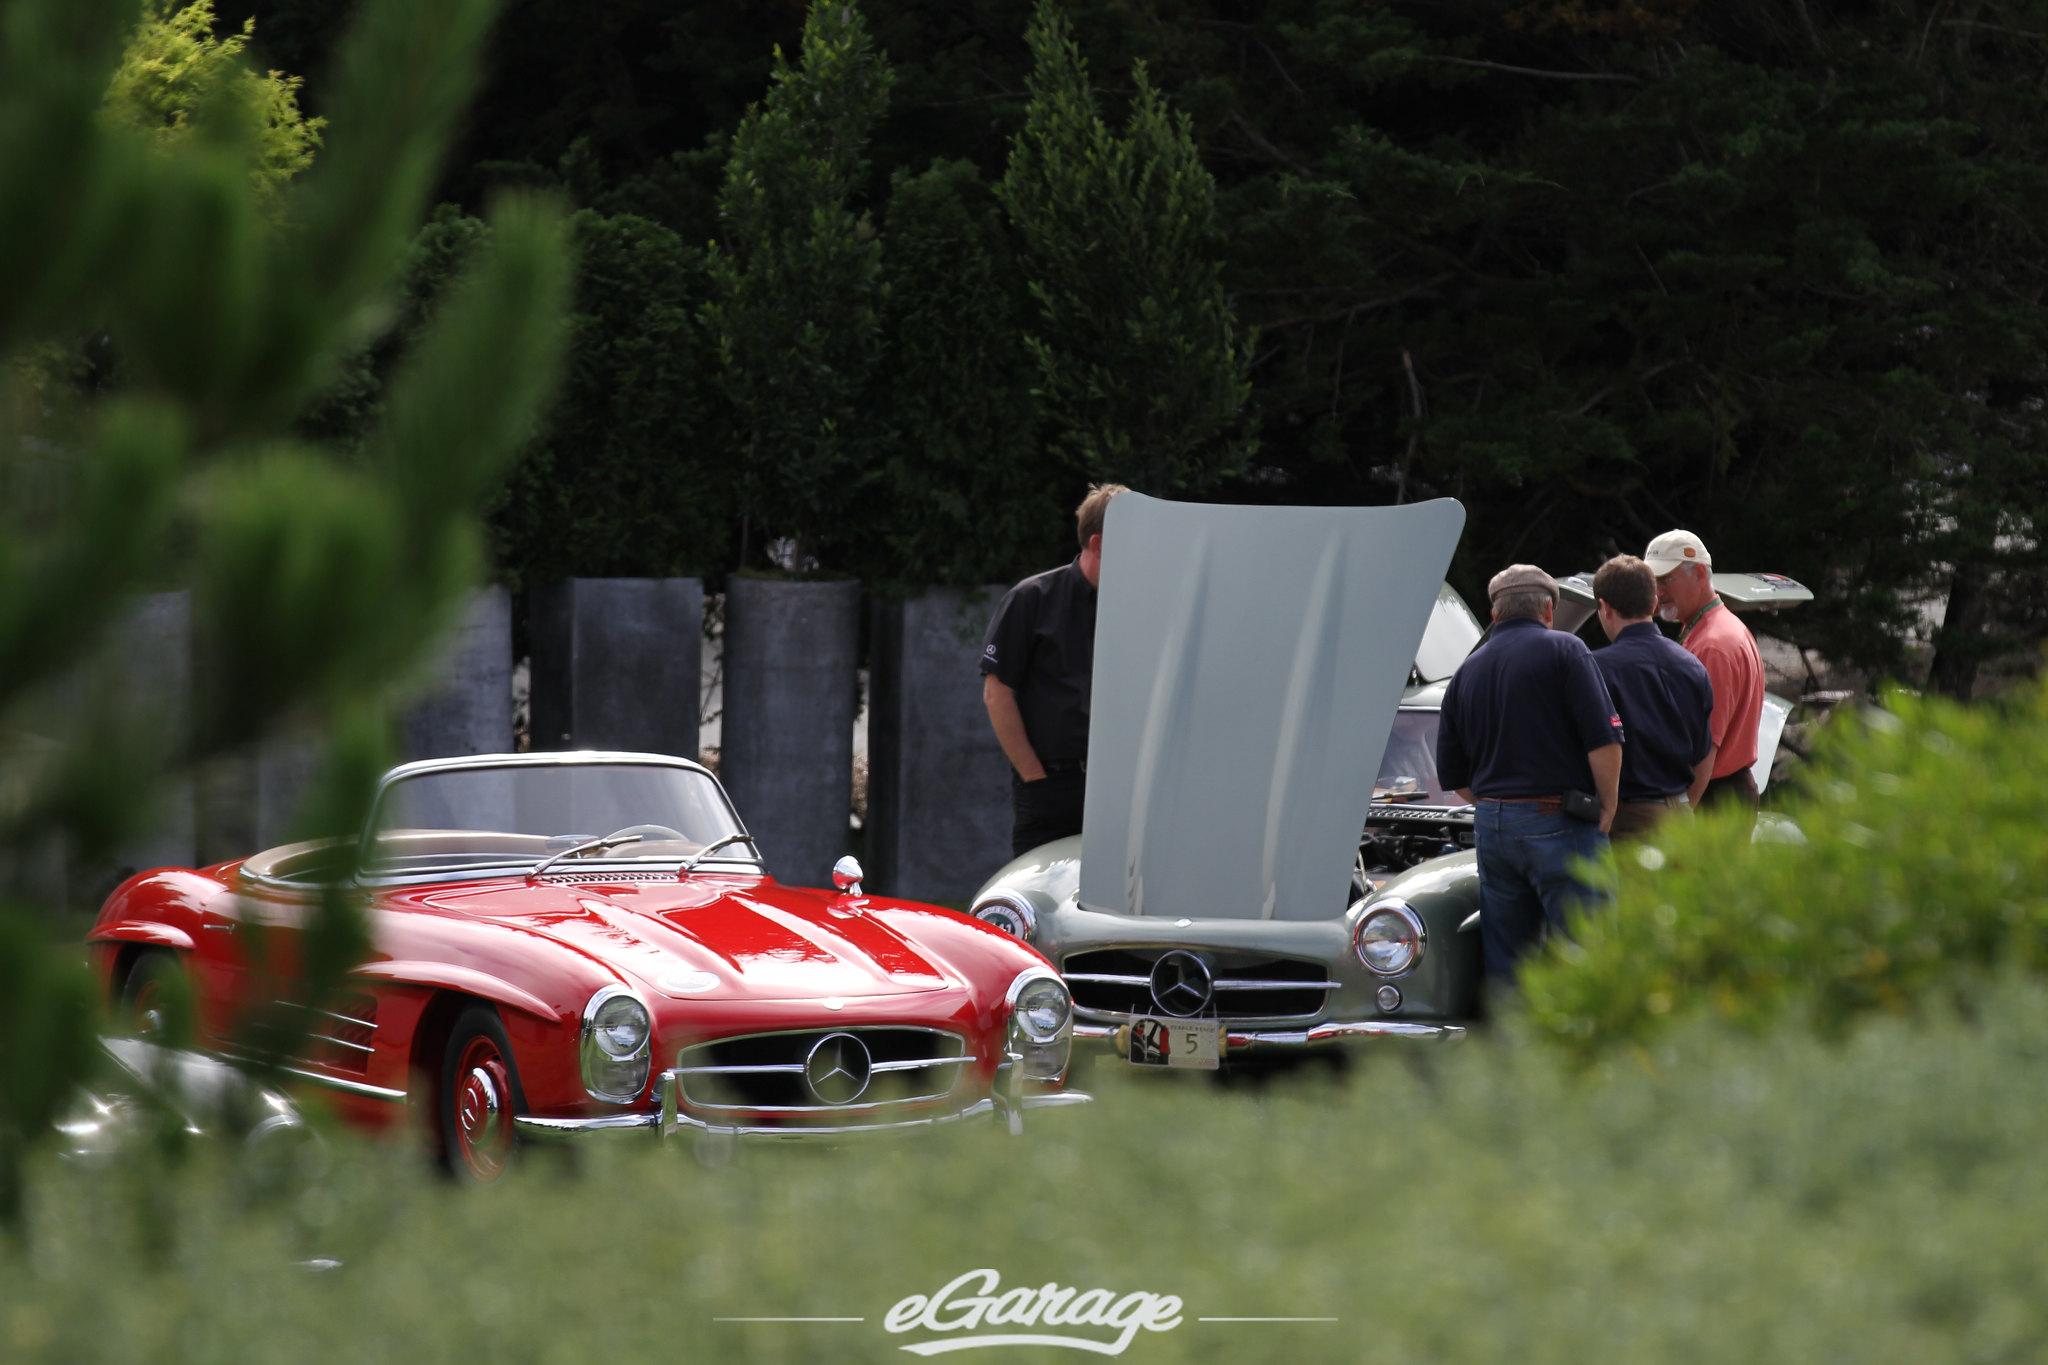 7828690632 cbf2c6a5ce k Mercedes Benz Classic